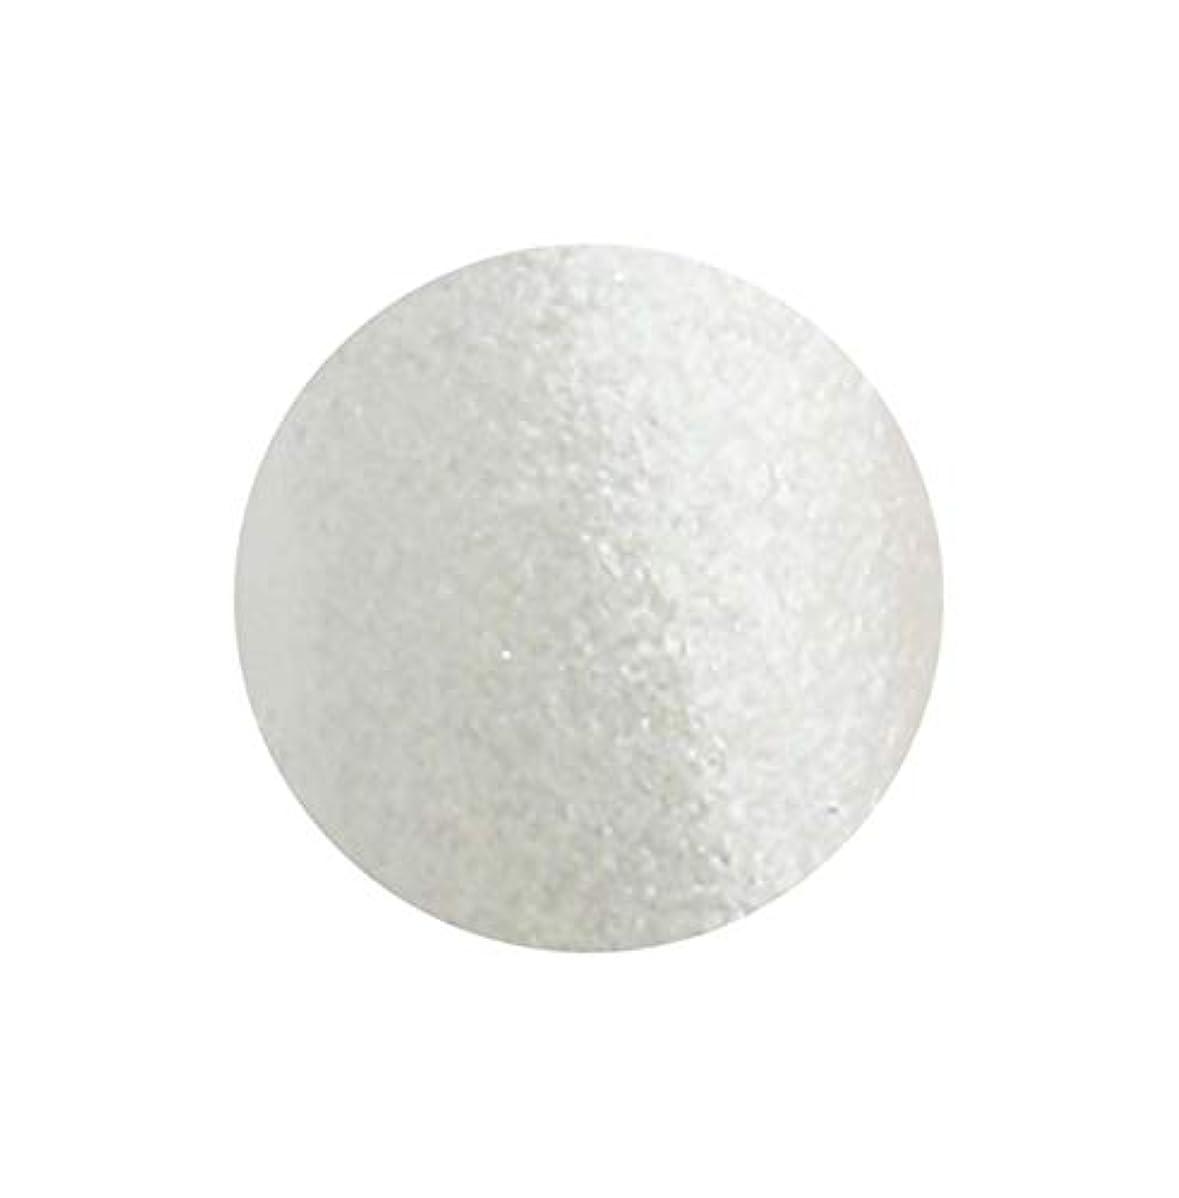 飲料鉛筆ソケットSHAREYDVA シャレドワ+ ネイルカラー No.28 ダイヤモンドパール